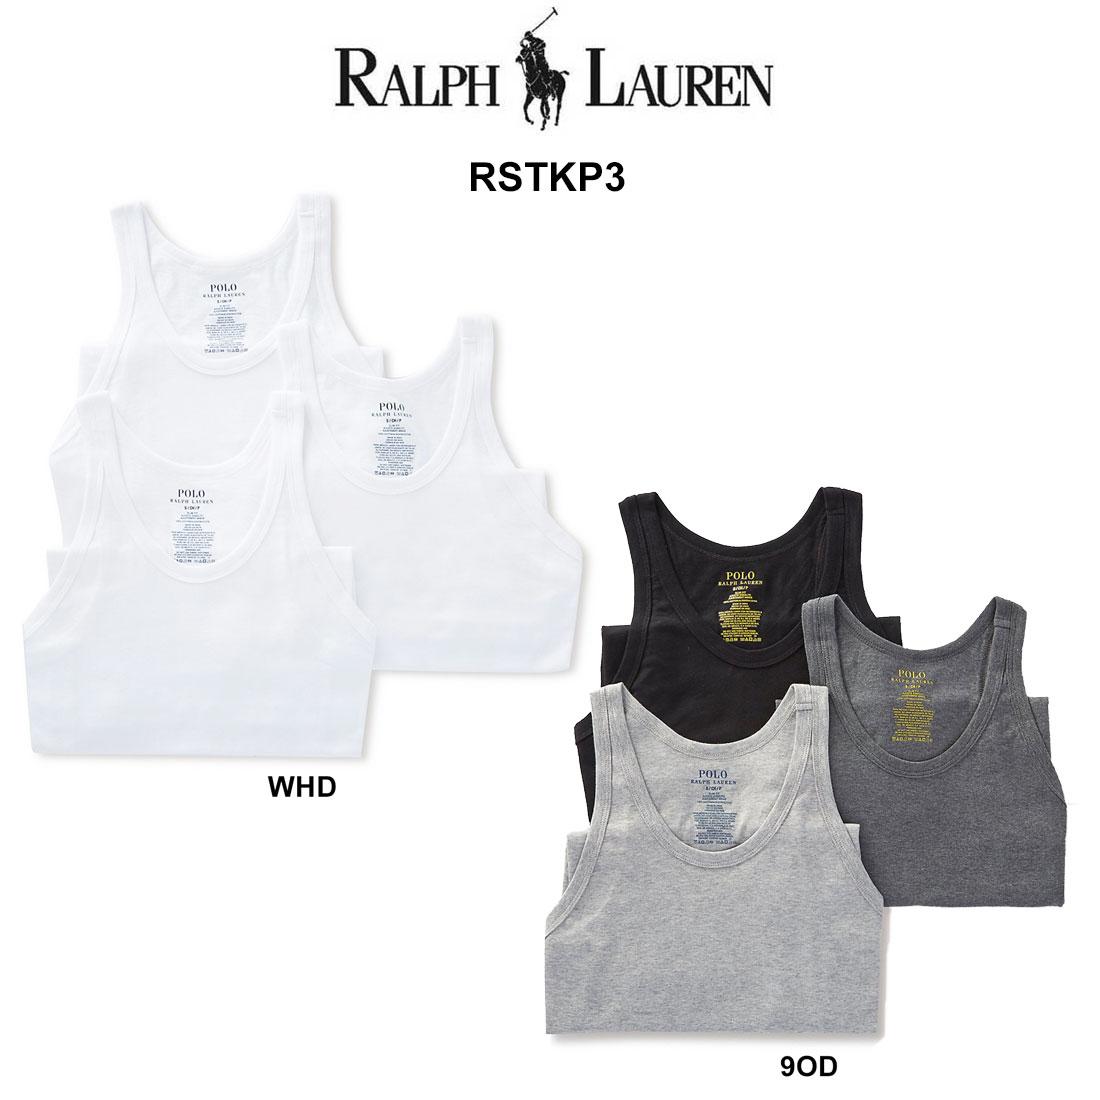 トップス, タンクトップ (SALE)POLO RALPH LAUREN( ) 3 RSTKP3